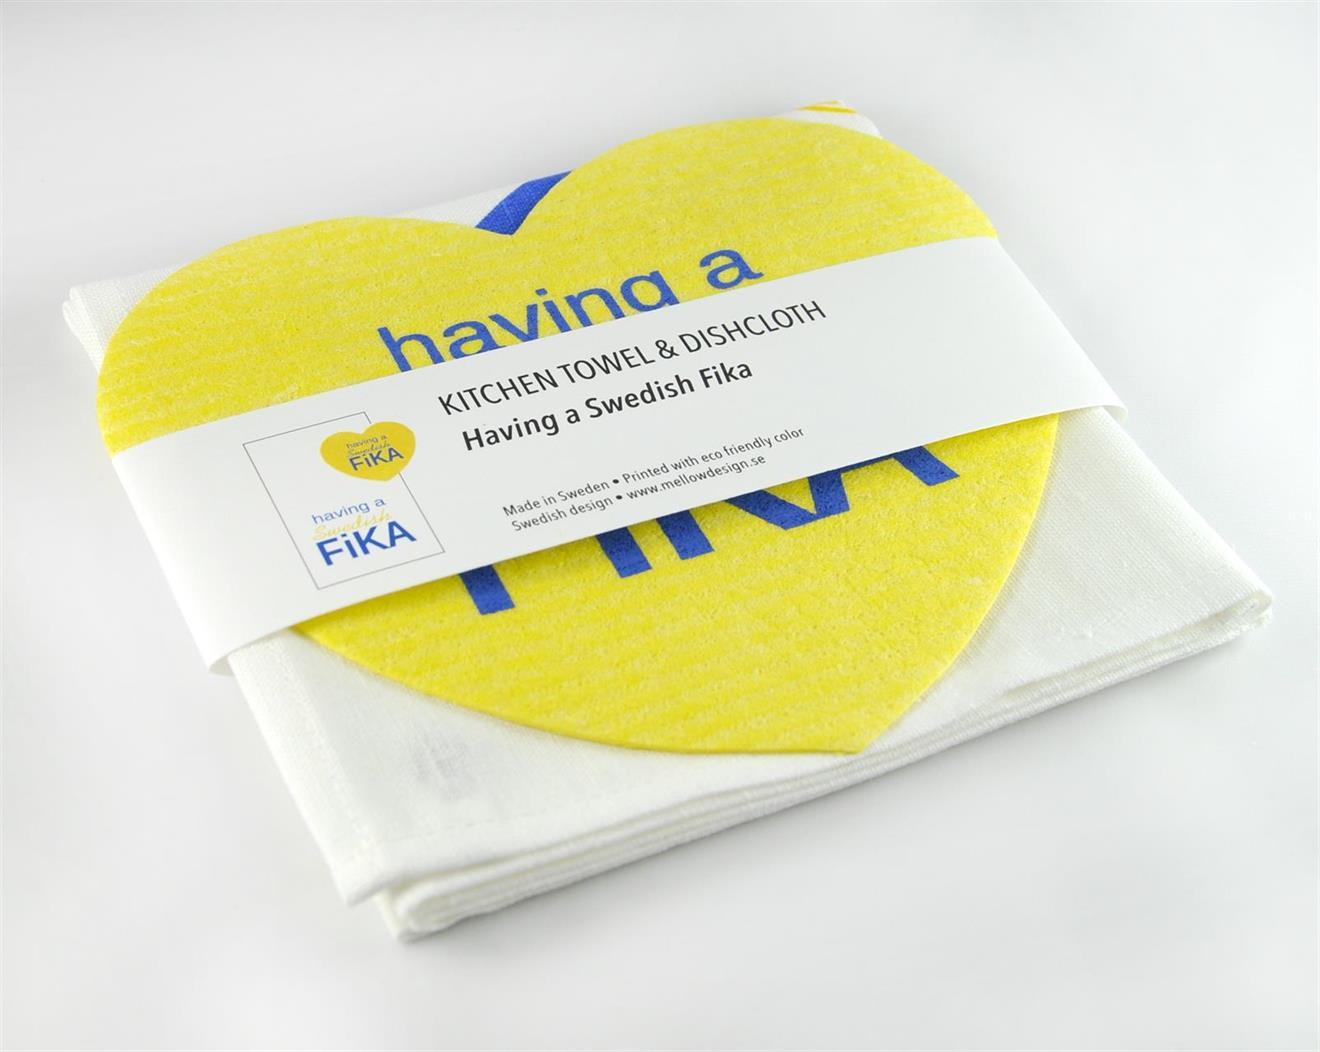 Set, trasa/handduk, Swedish Fika, vit/blå-gul text